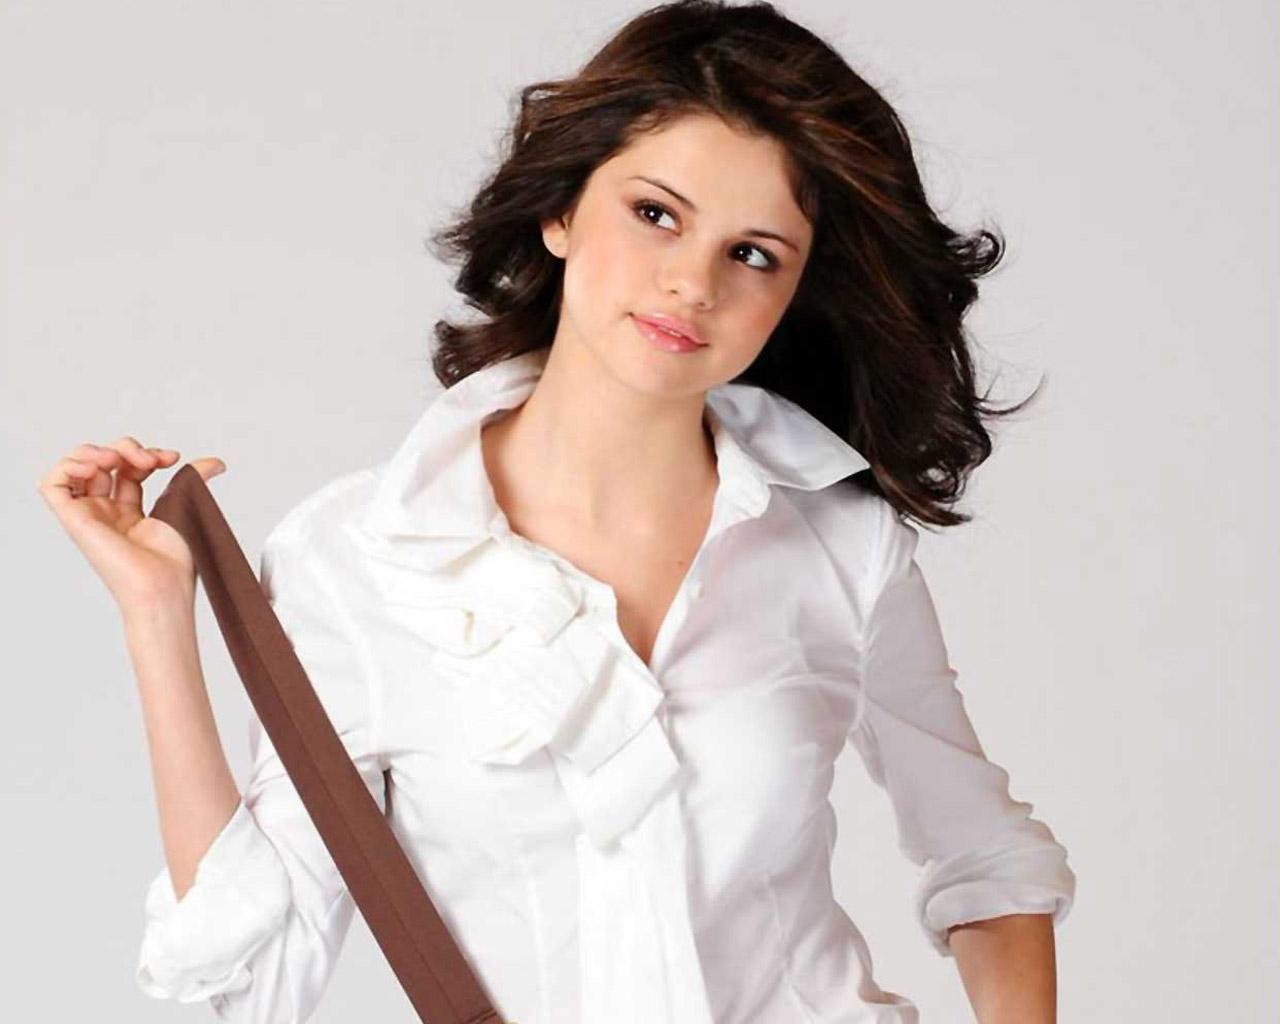 http://3.bp.blogspot.com/-BAHBOHGepbg/T04TQPrmERI/AAAAAAAAAww/0vm75kP6cis/s1600/Selena-Gomez-Wallpaper.jpg